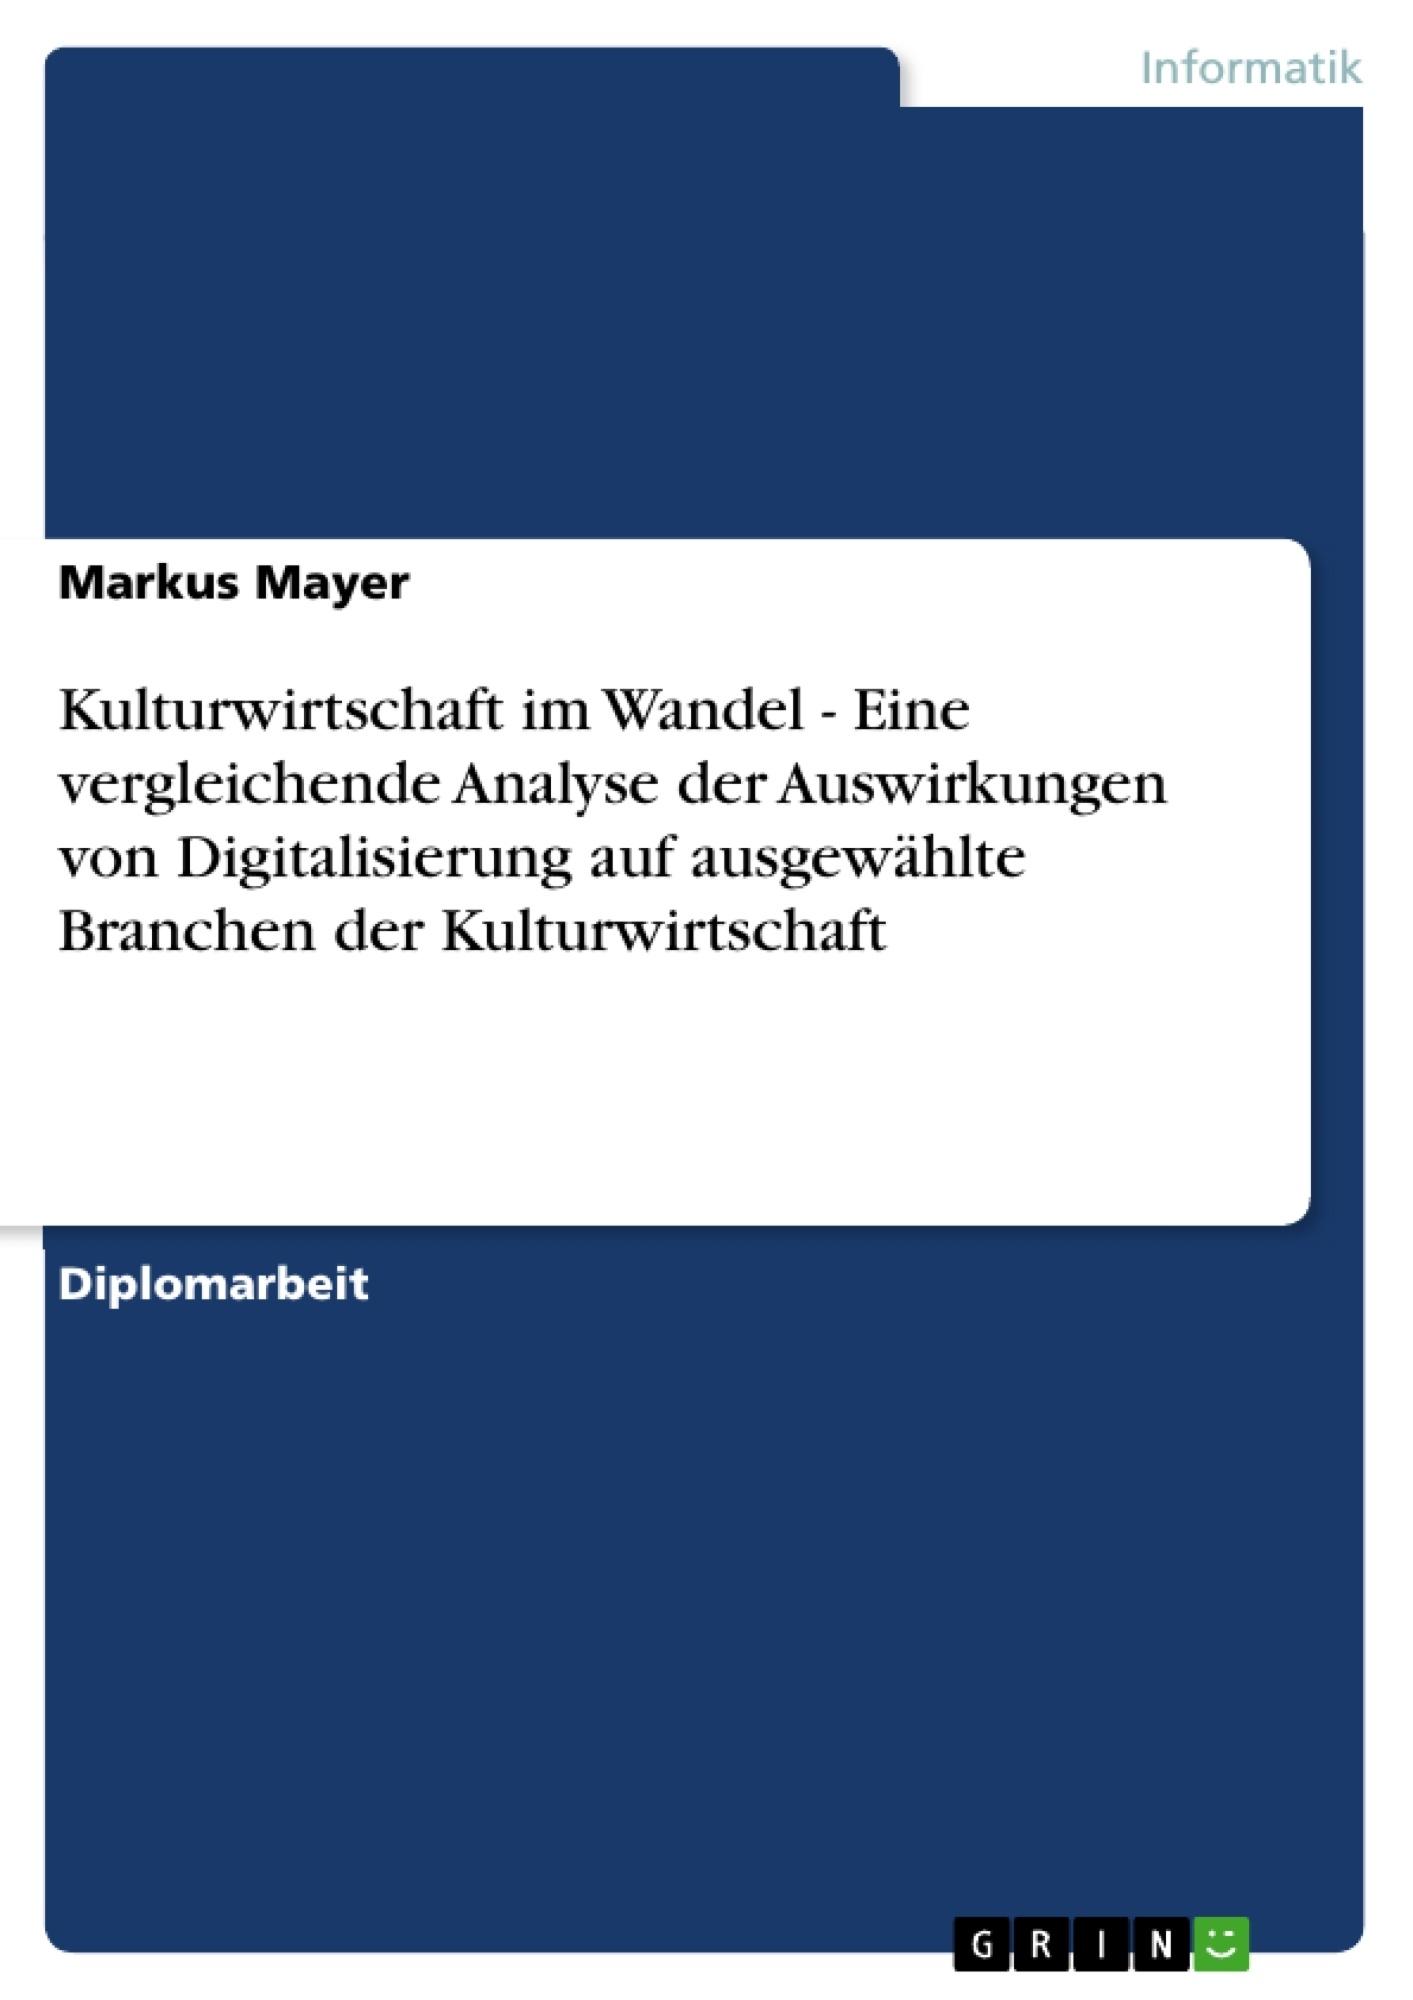 Titel: Kulturwirtschaft im Wandel - Eine vergleichende Analyse der Auswirkungen von Digitalisierung auf ausgewählte Branchen der Kulturwirtschaft